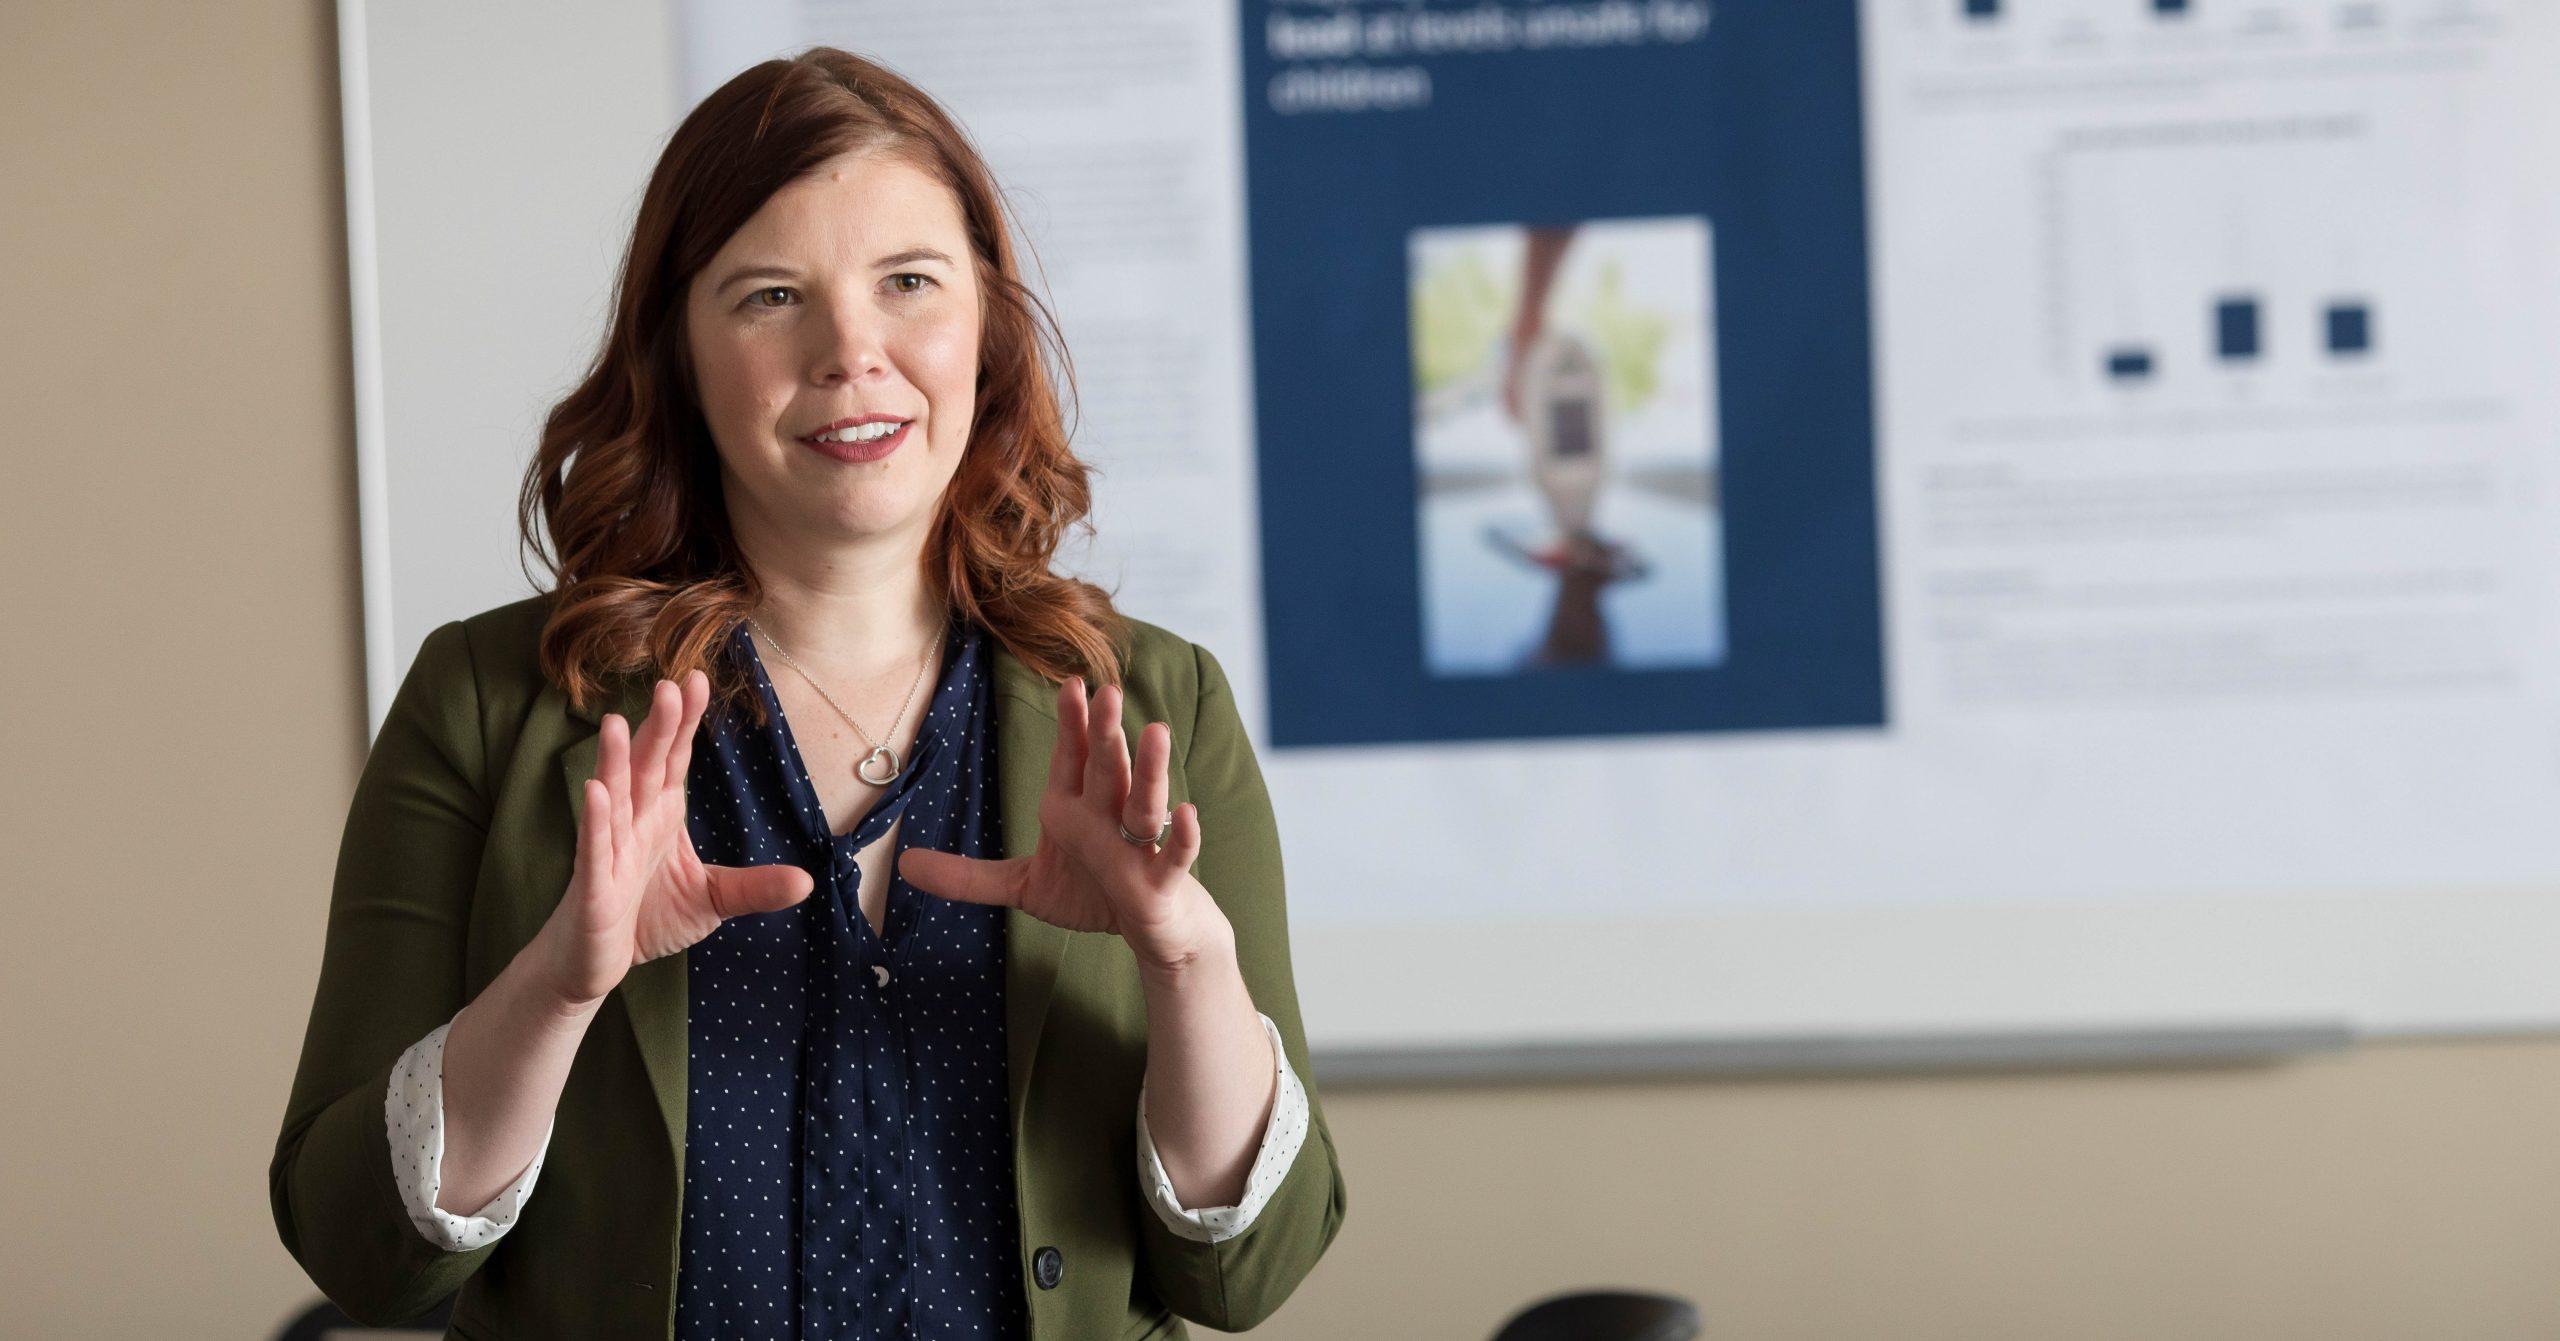 SPH alumna Stephanie Yendell, DVM/MPH